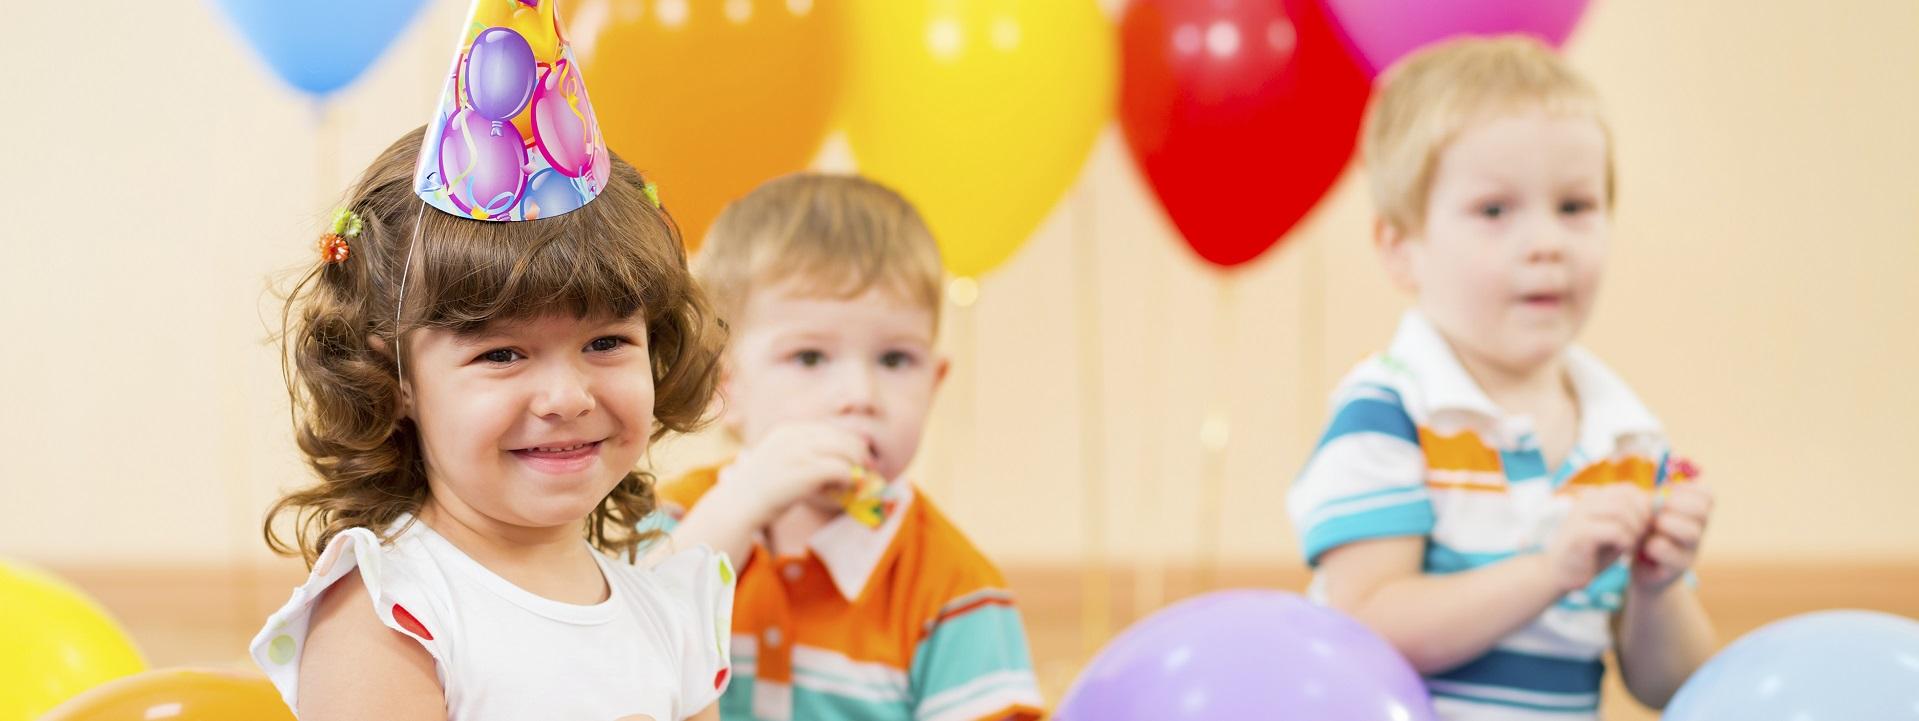 Children's party hire...